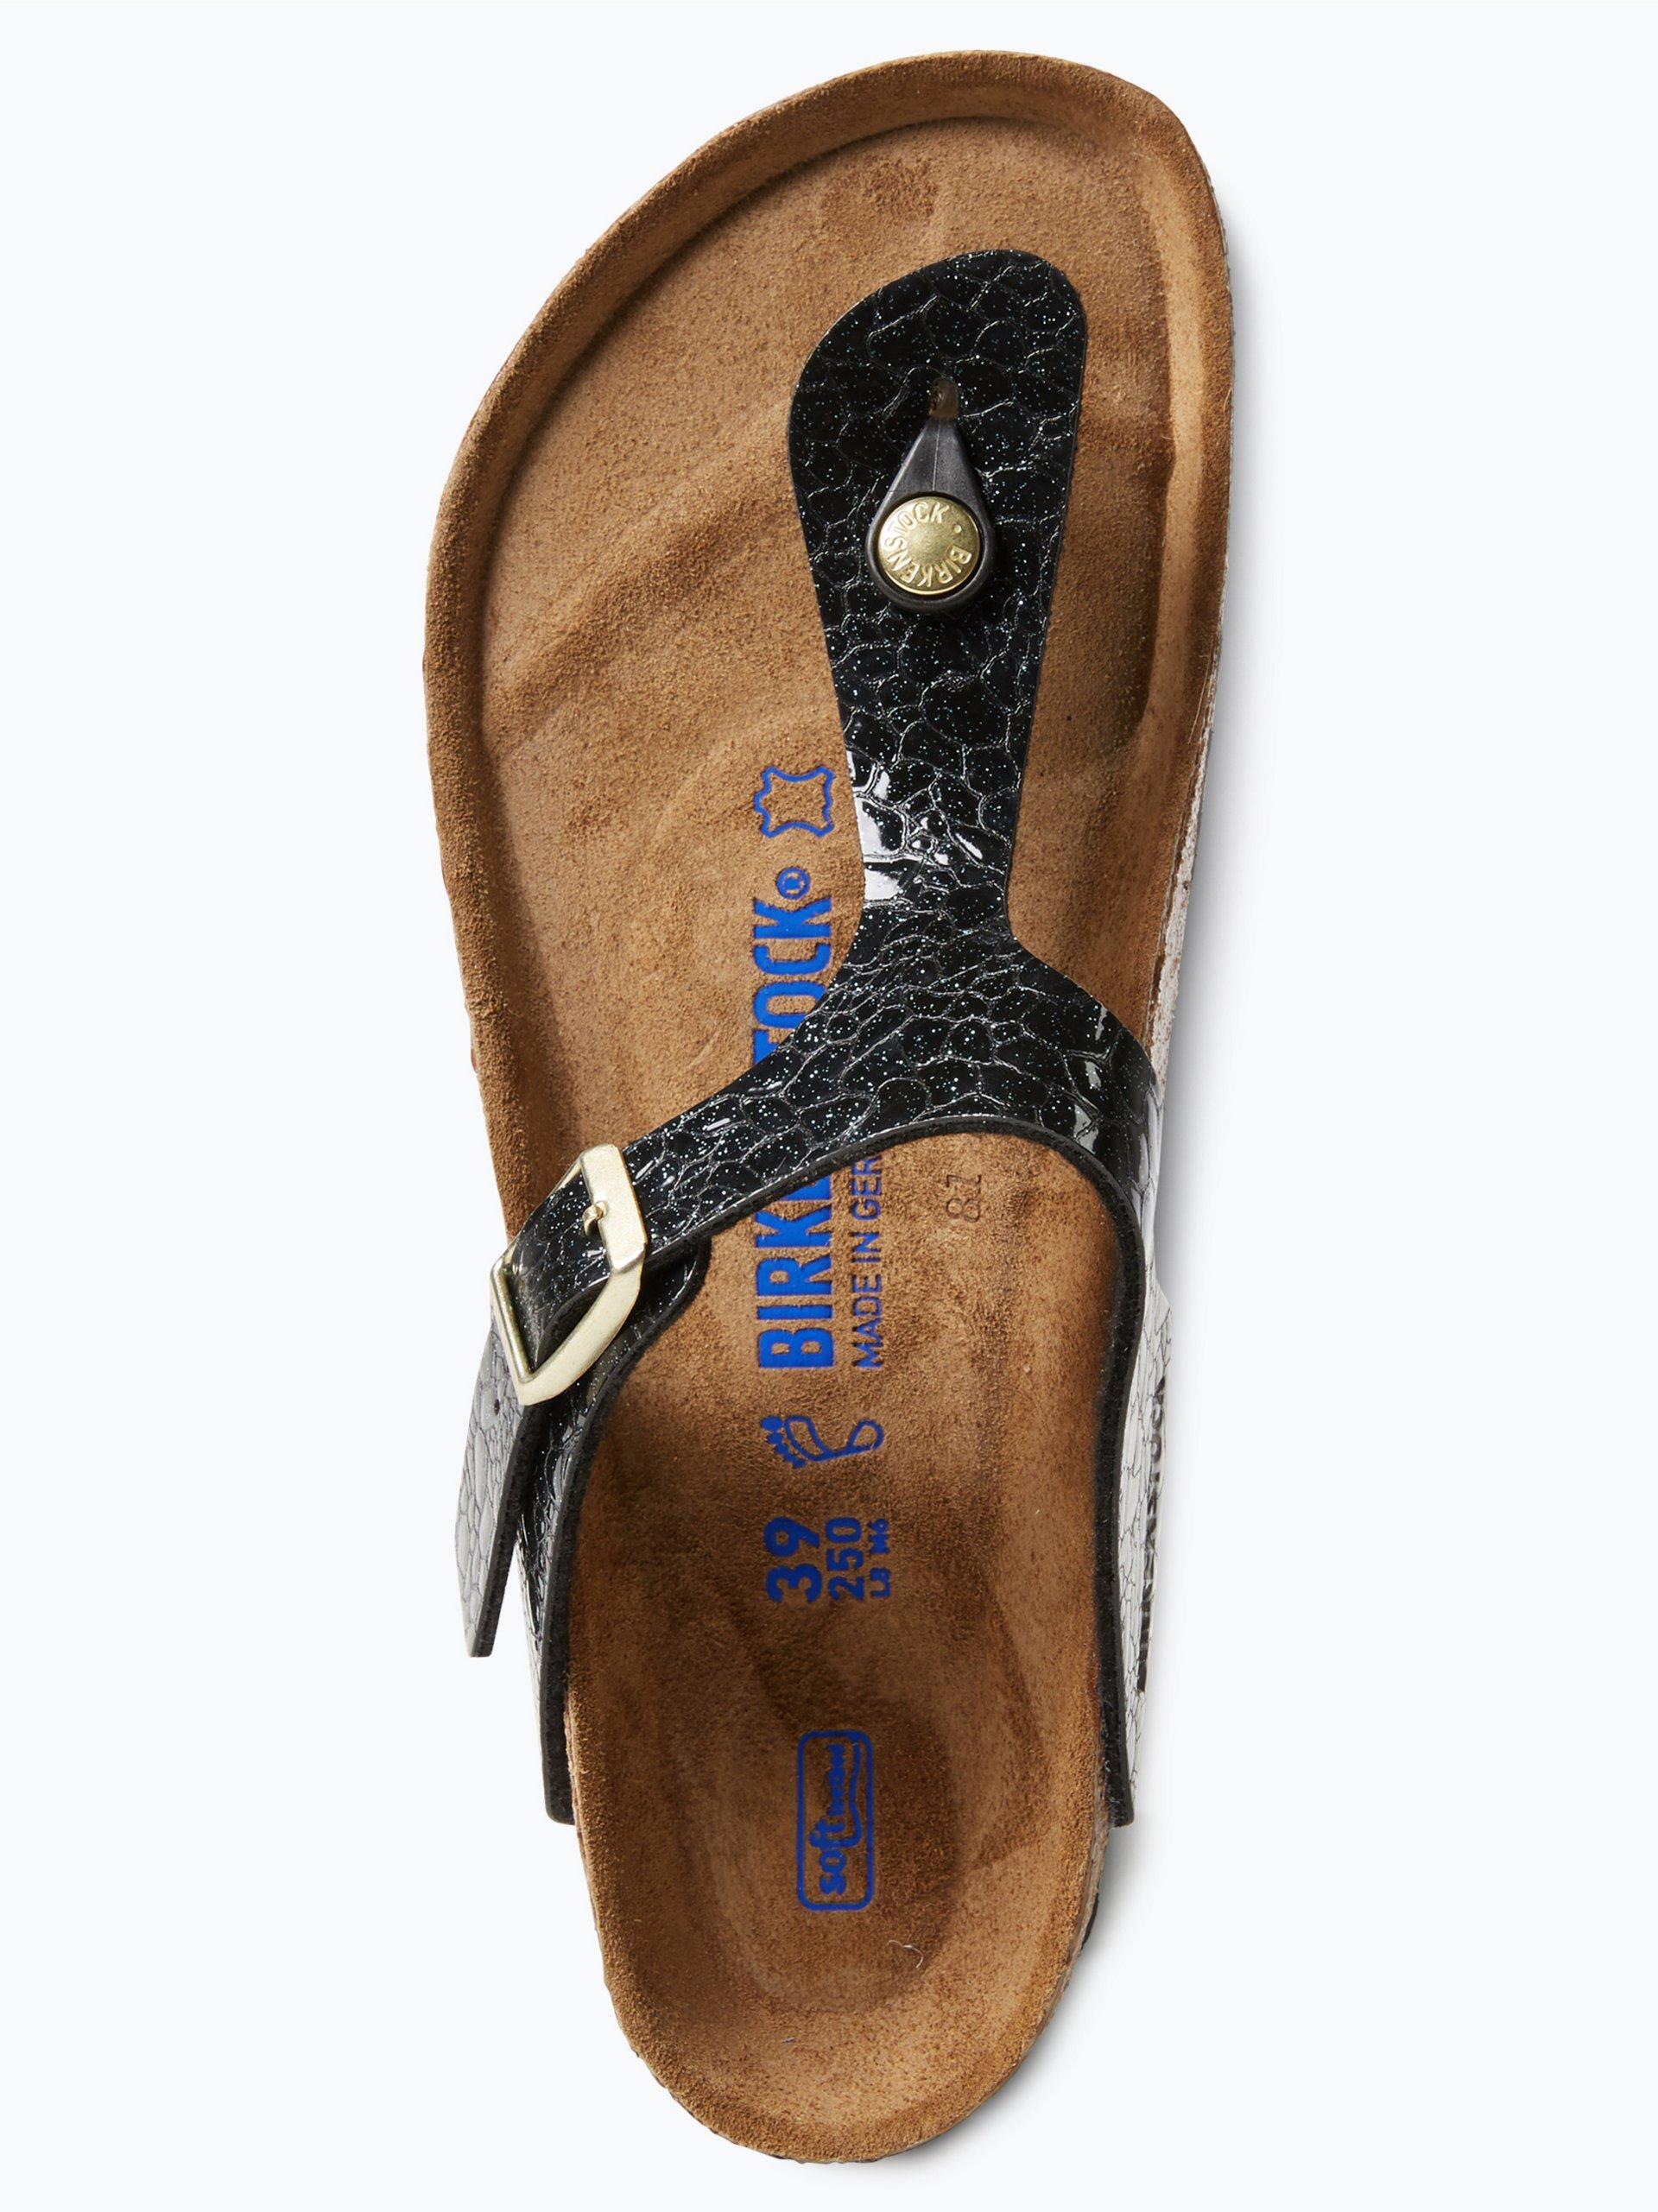 birkenstock damen sandalen mit leder anteil schwarz. Black Bedroom Furniture Sets. Home Design Ideas